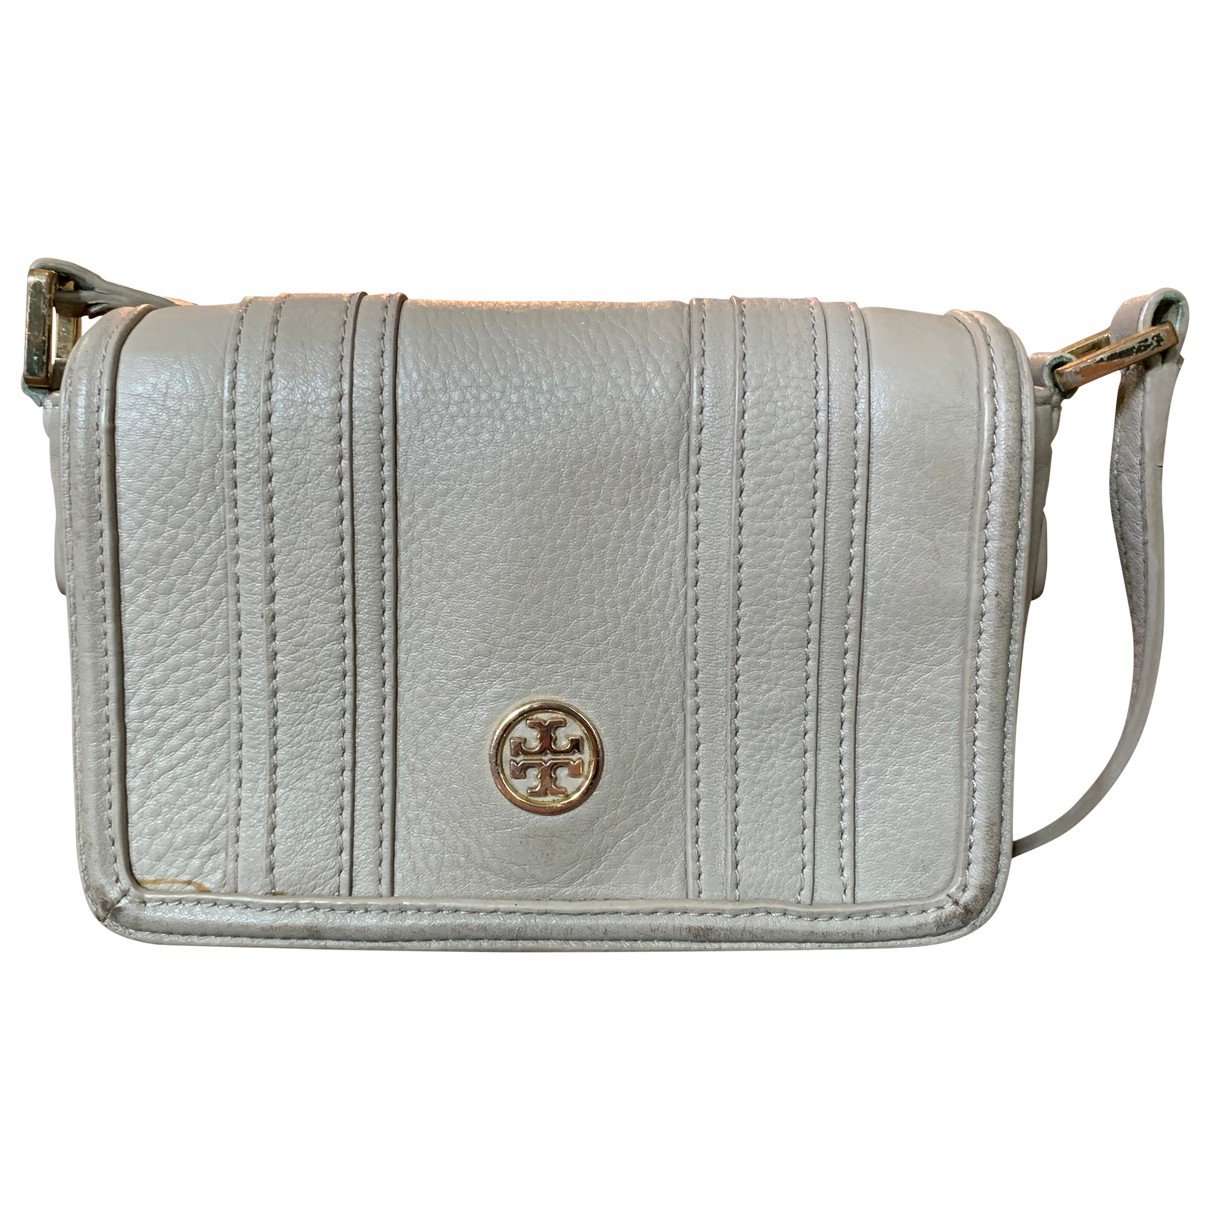 Tory Burch \N Grey Leather handbag for Women \N